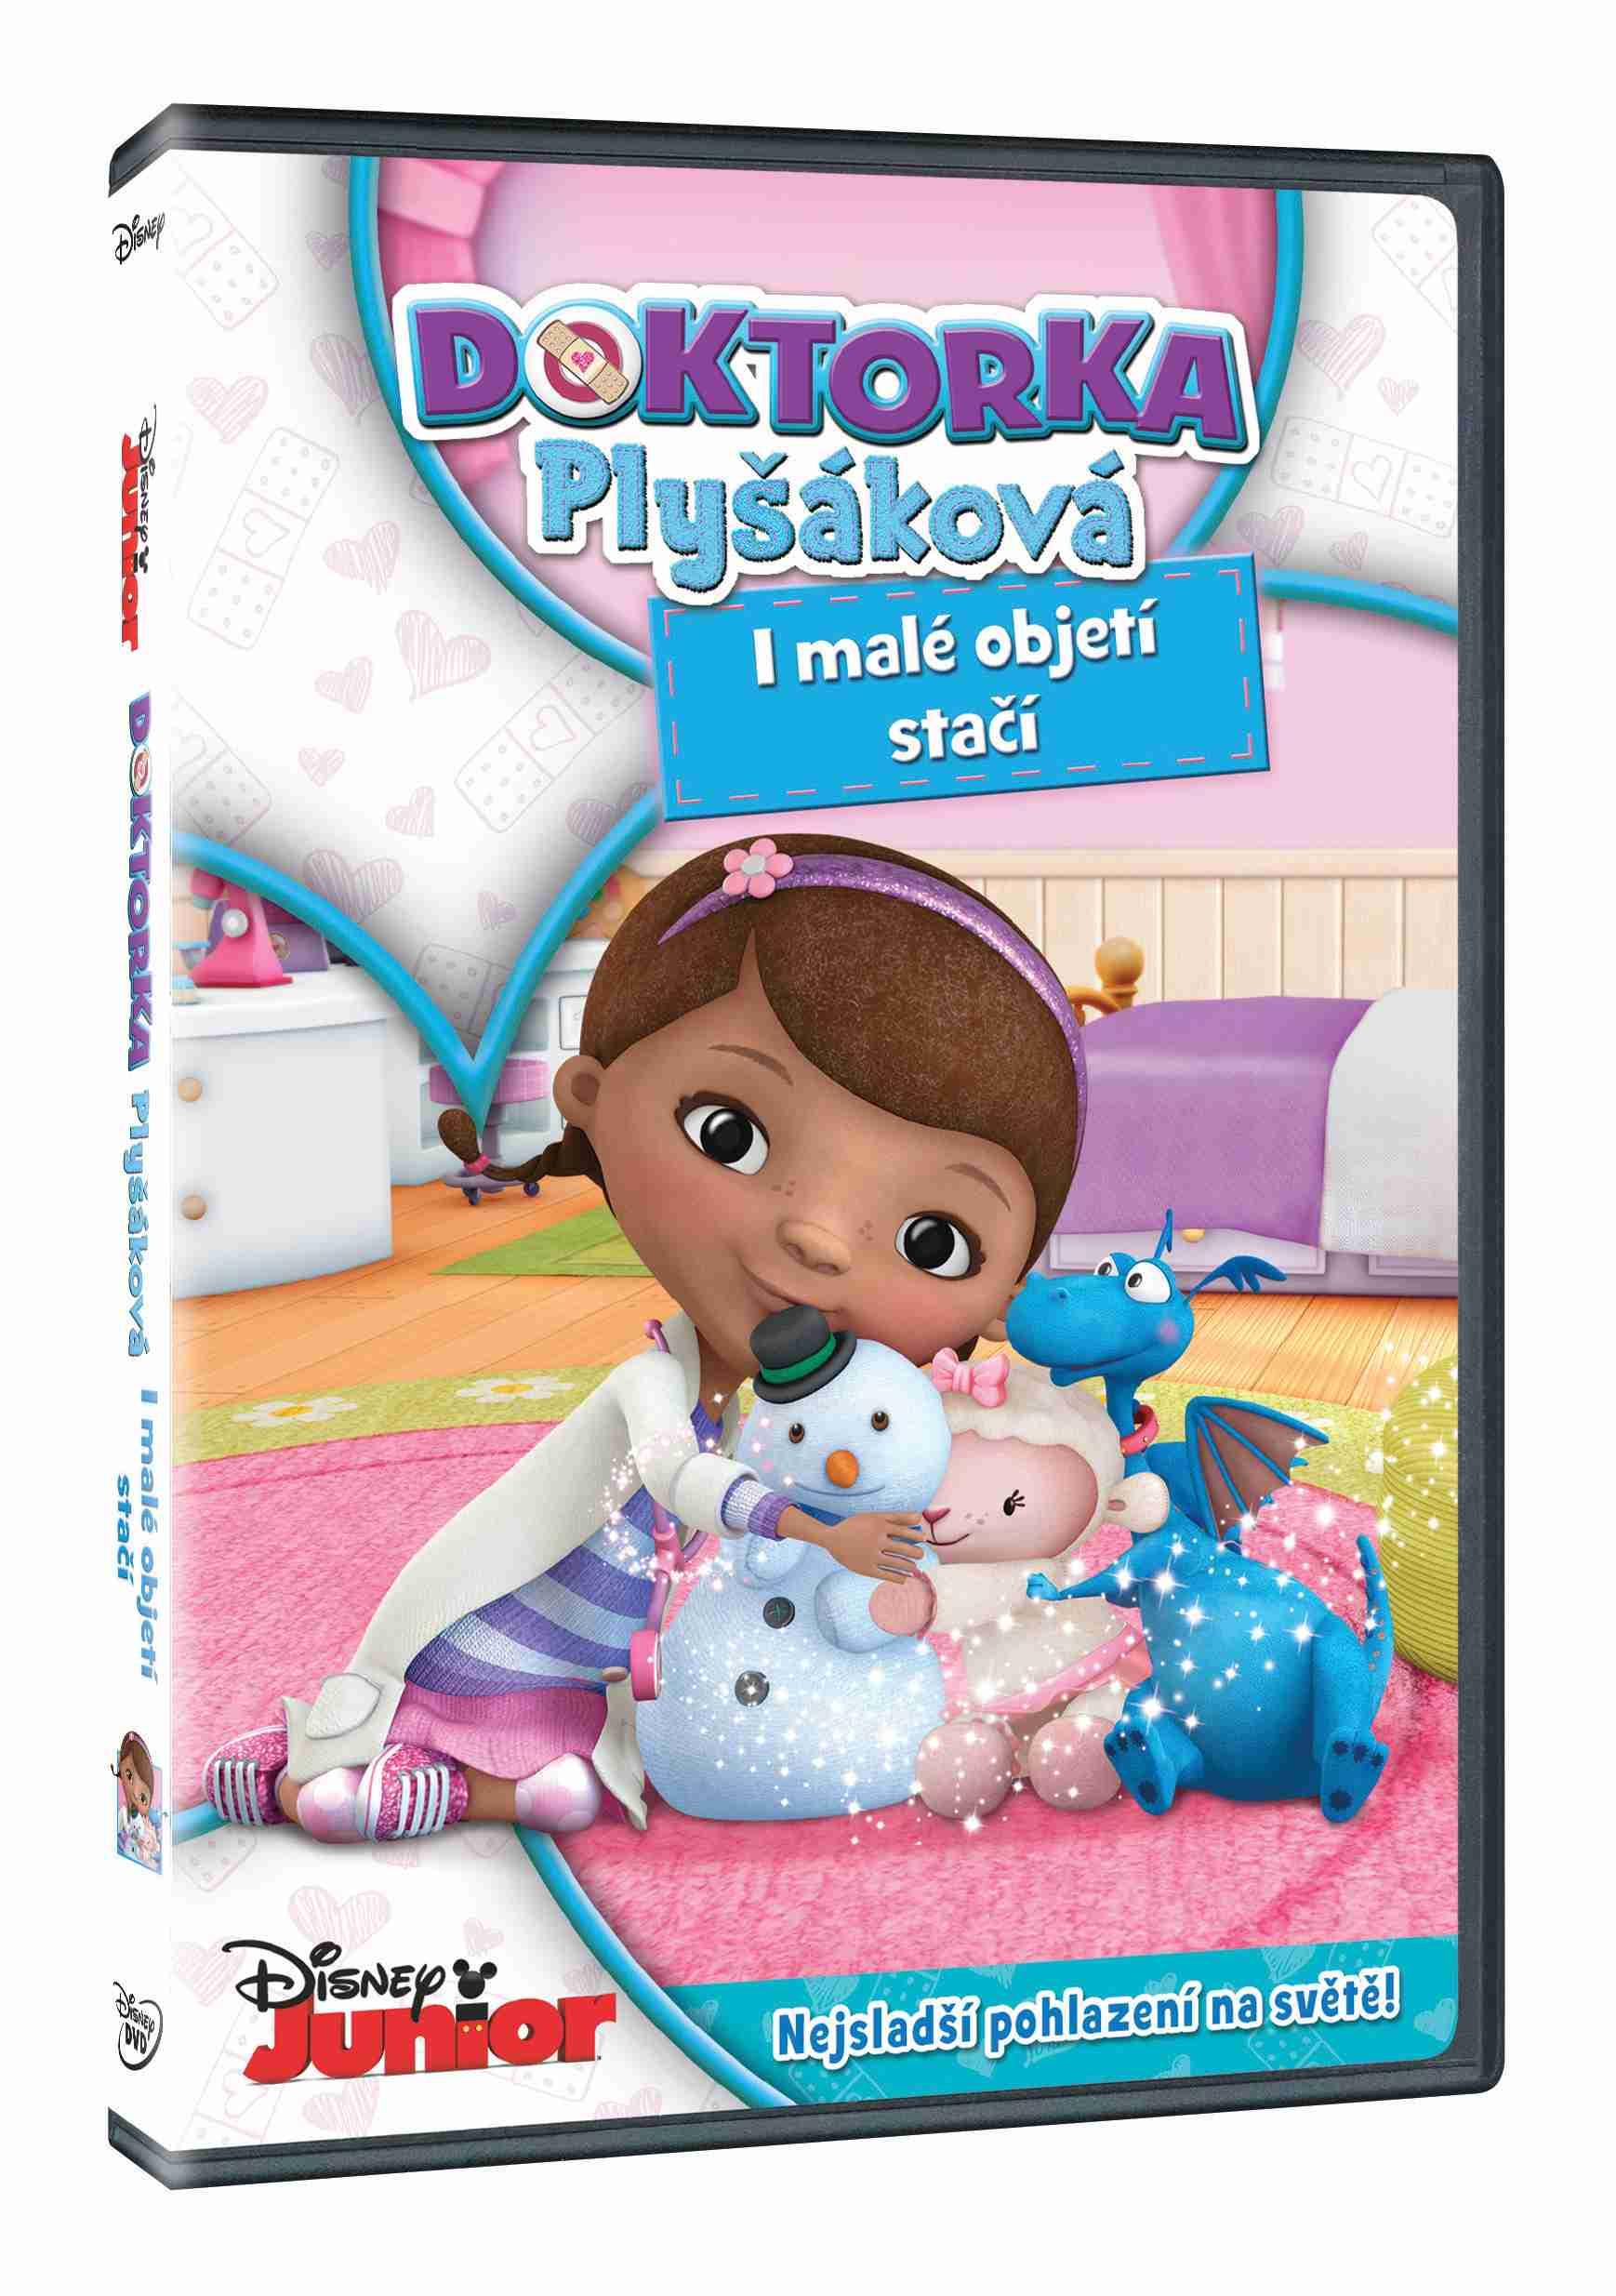 DOKTORKA PLYŠÁKOVÁ: I MALÉ OBJETÍ STAČÍ - DVD